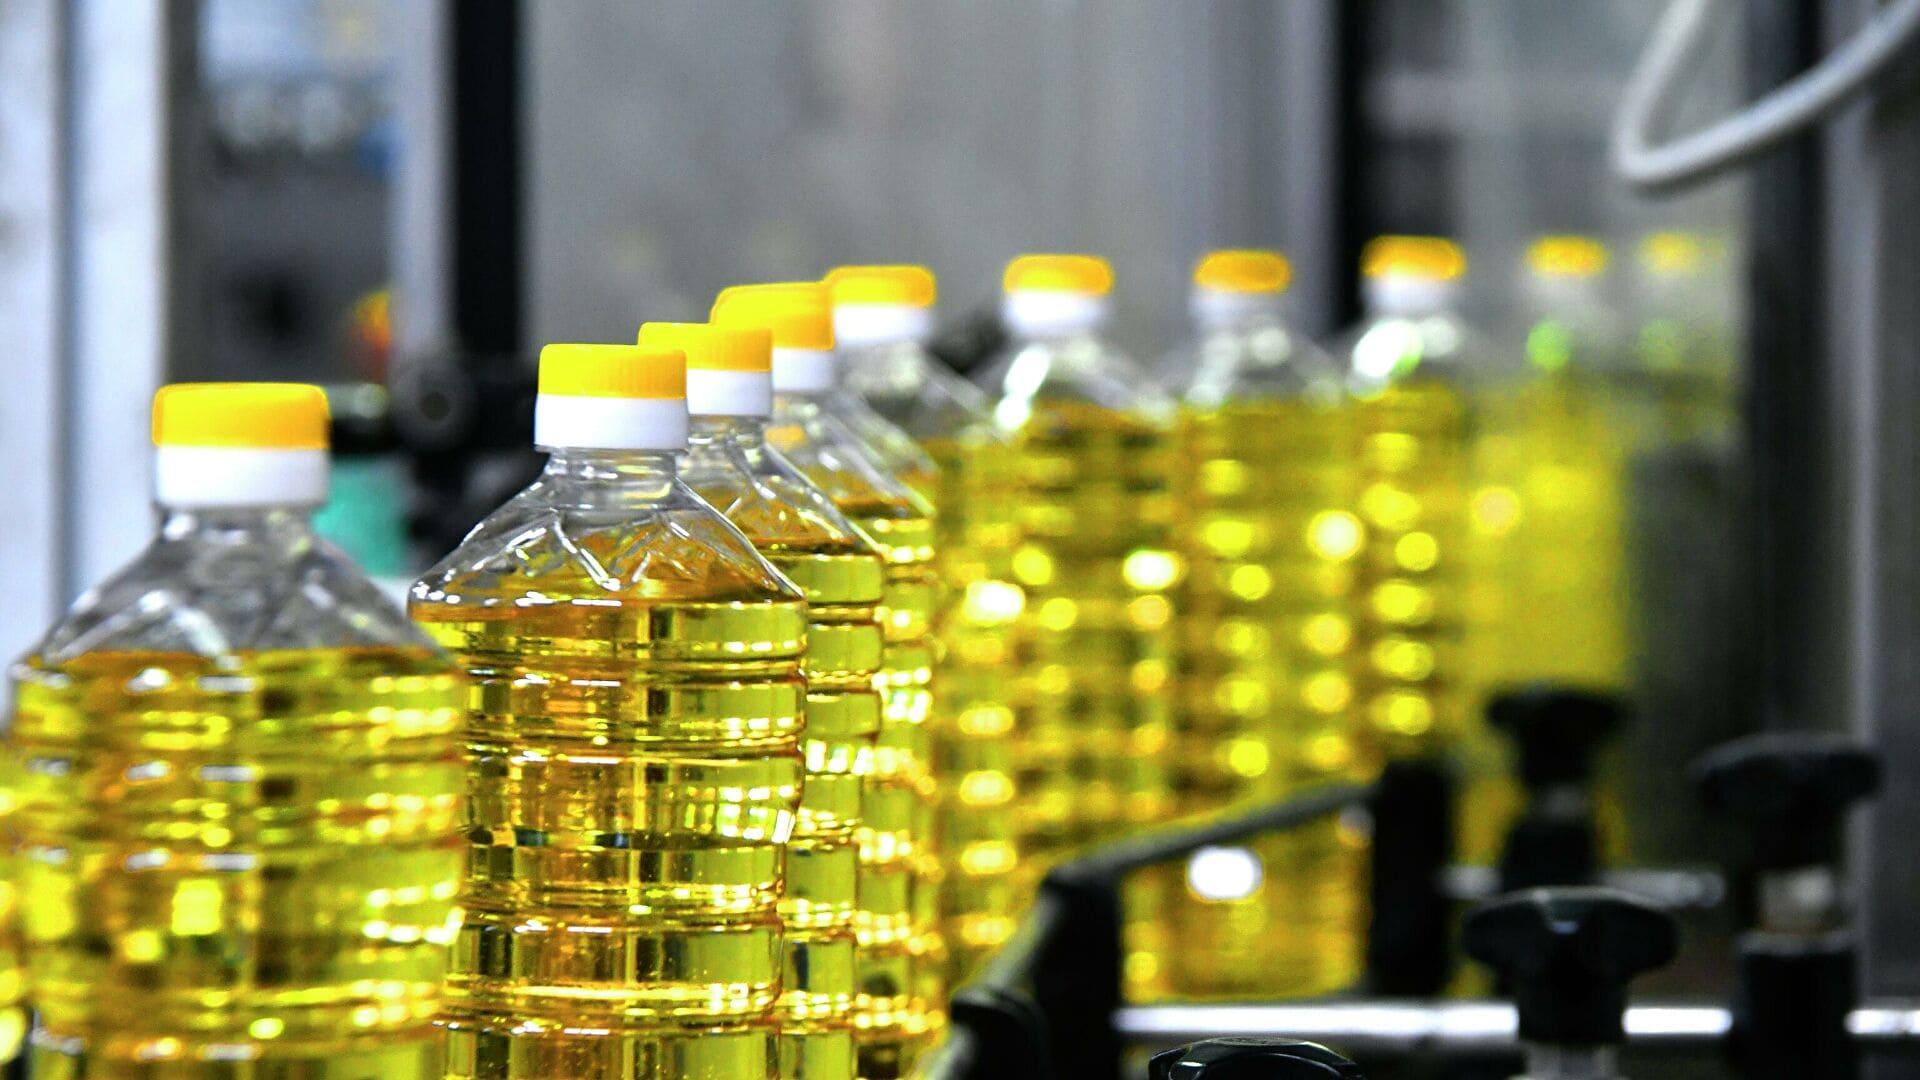 сколько масла на литр в триммер